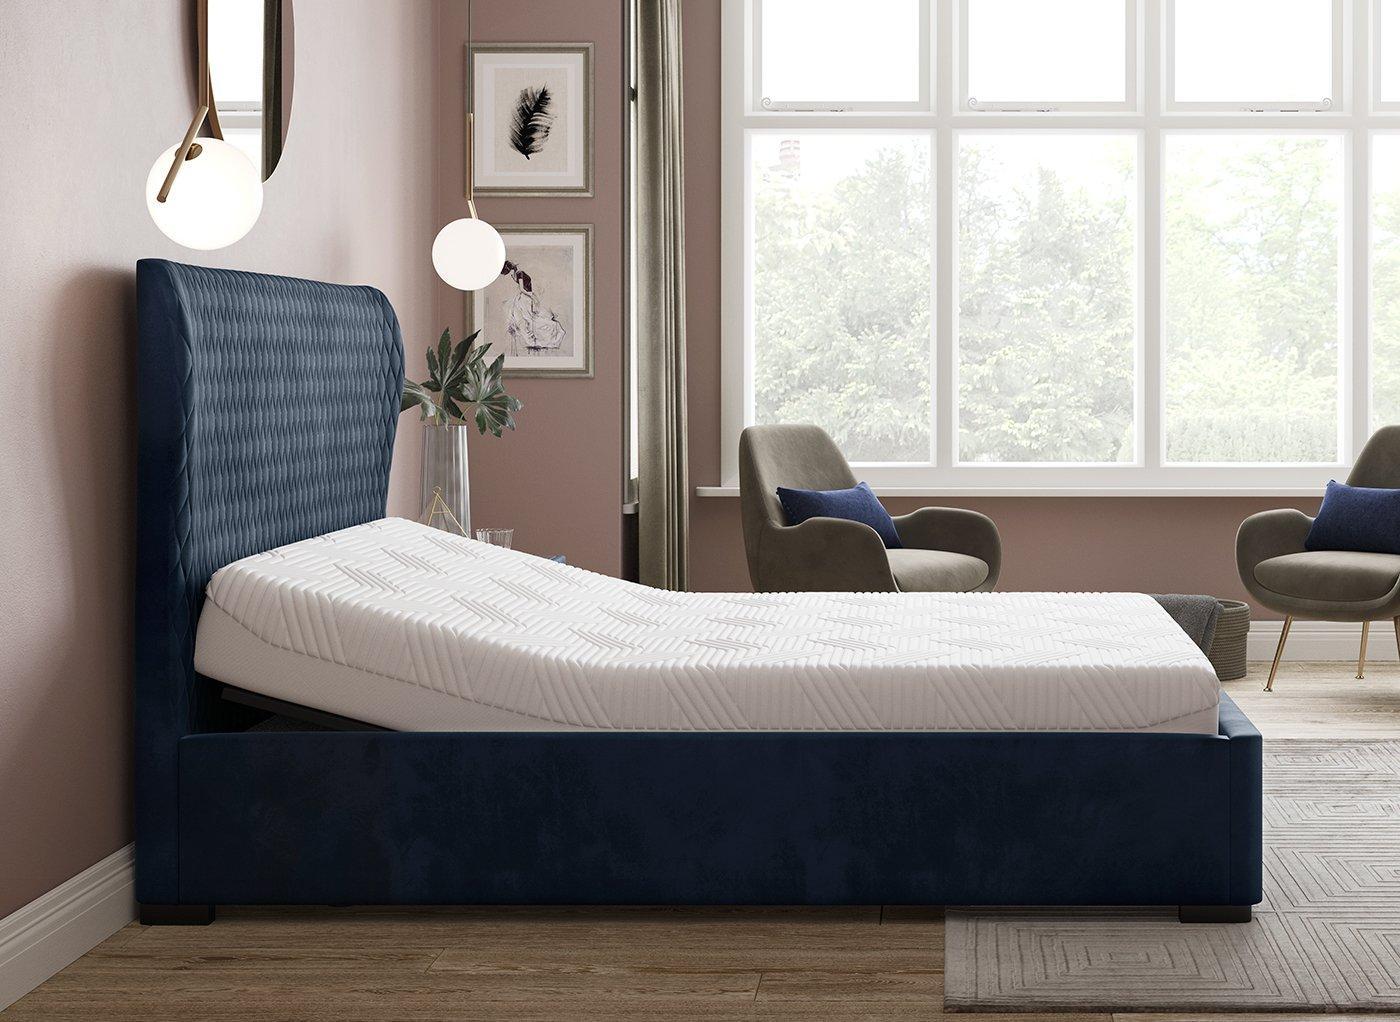 grove-sleepmotion-adjustable-upholstered-bed-frame